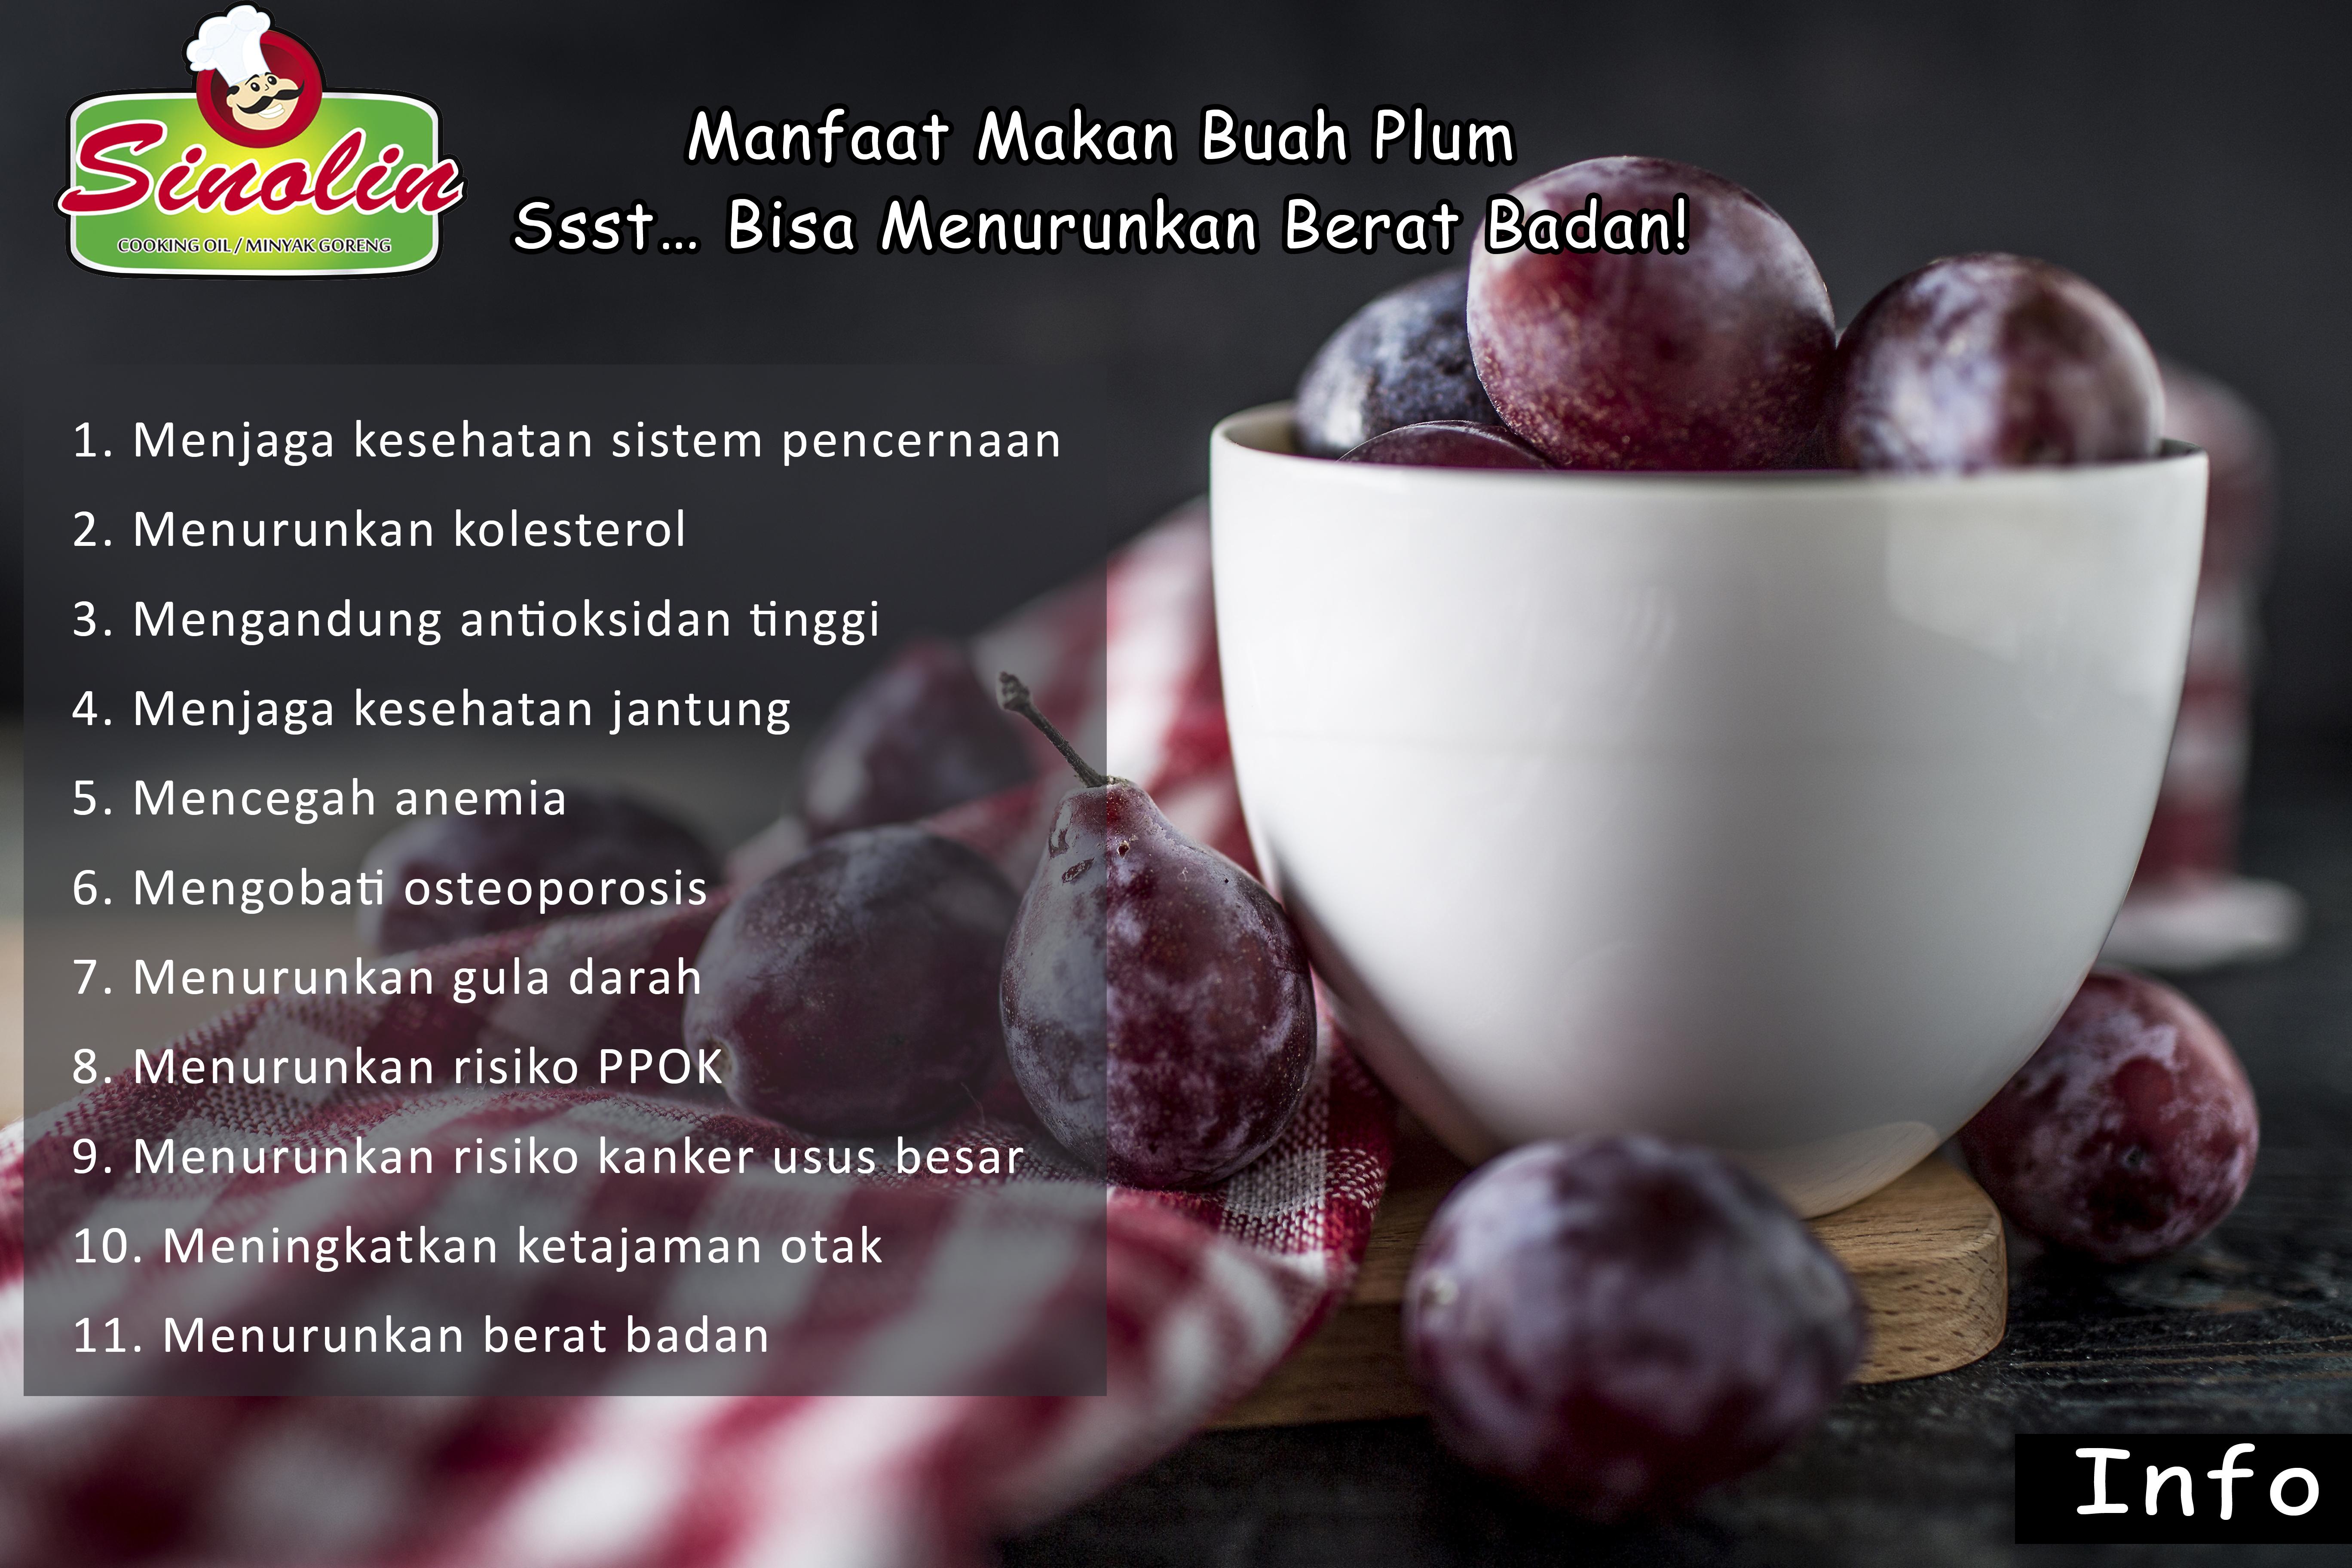 Apa saja manfaat buah plum untuk kesehatan? oleh Dapur Sinolin